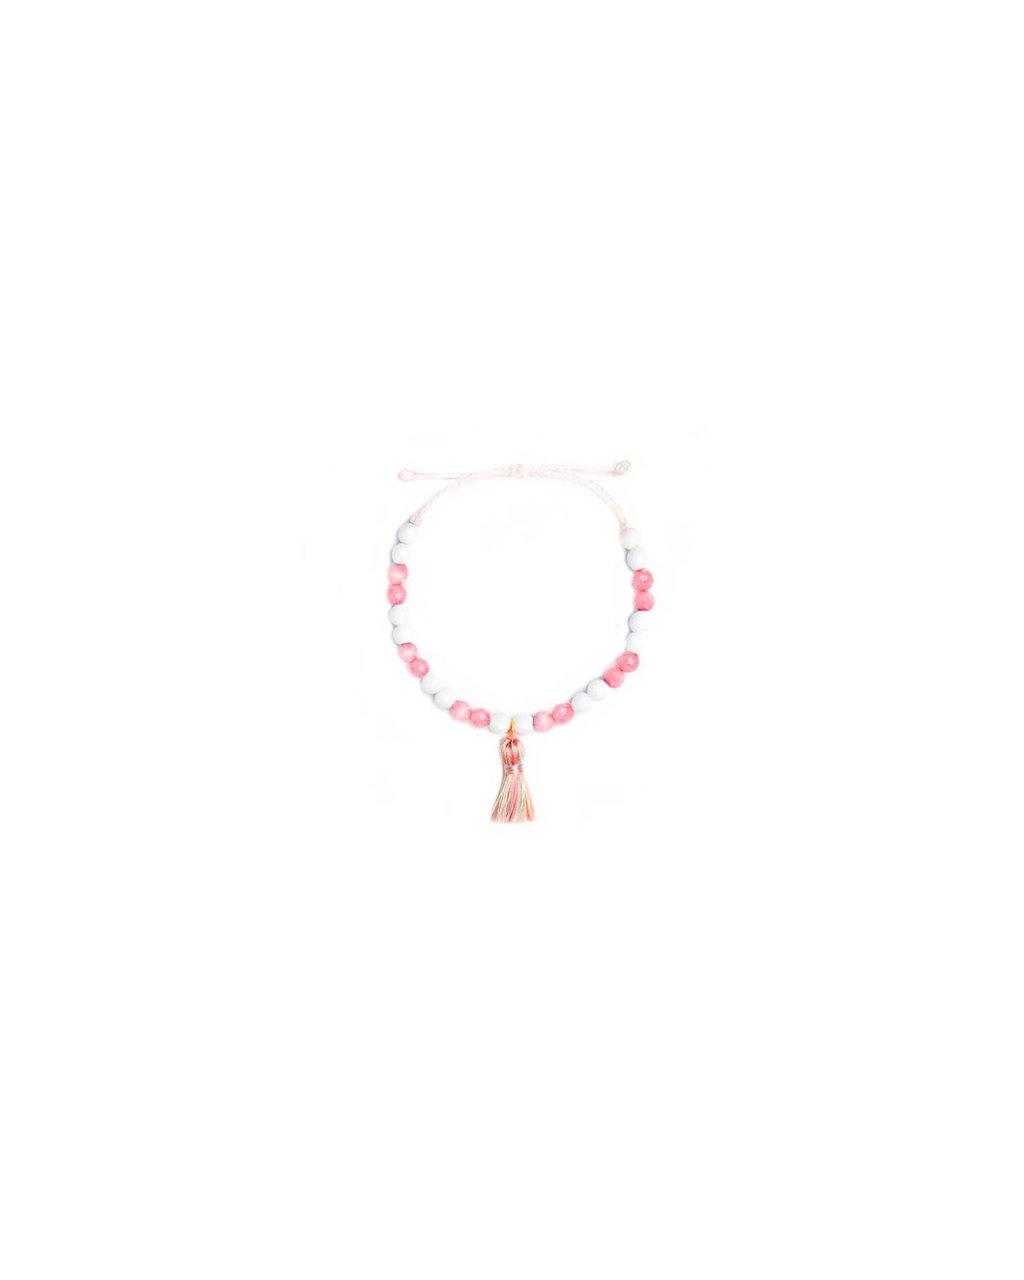 Jemný provázkový náramek s růžovými korálky a střapečkem